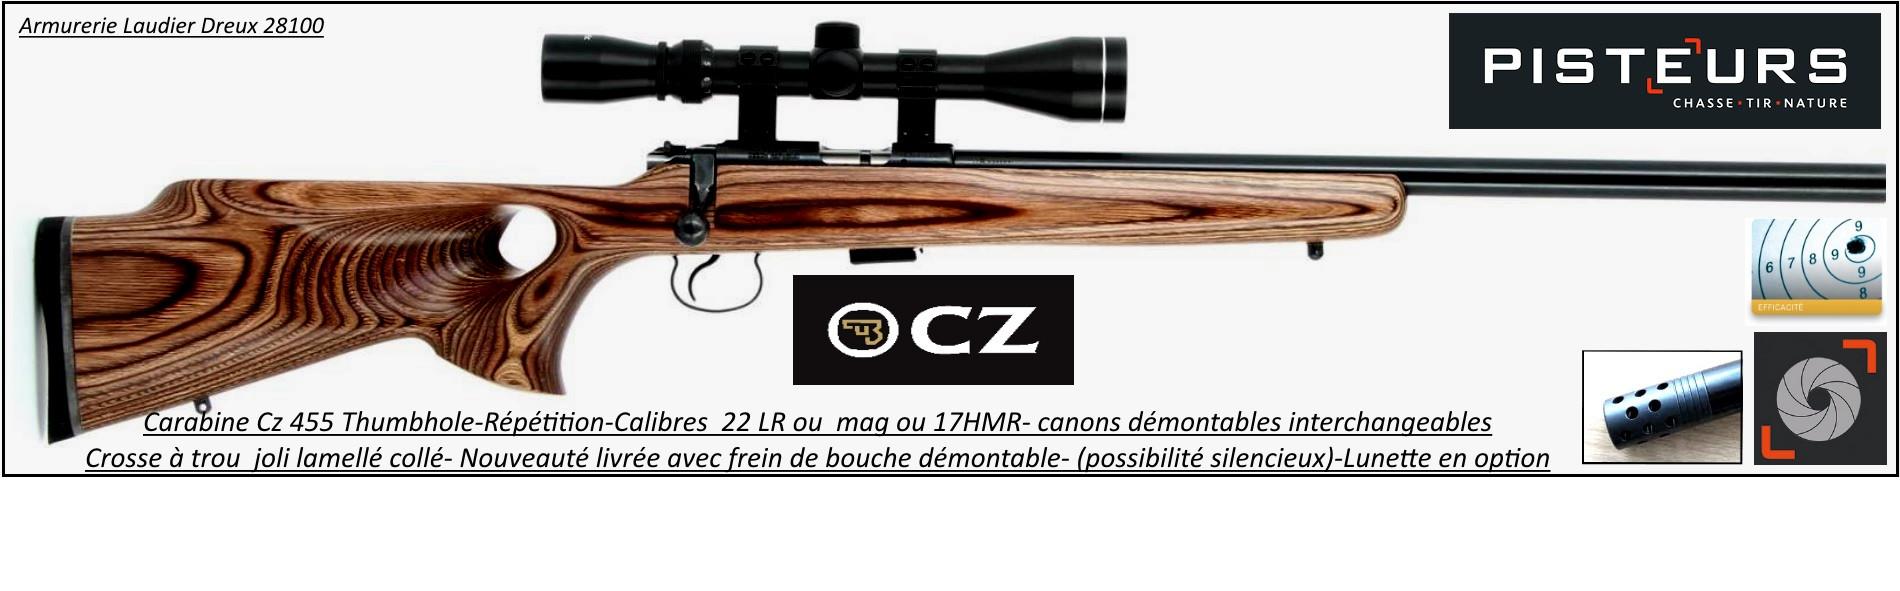 Carabine CZ  Mod 455 THUMBOLE Varmint Calibre 17 HMR frein de bouche Répétition-Promotion-ref  R771873